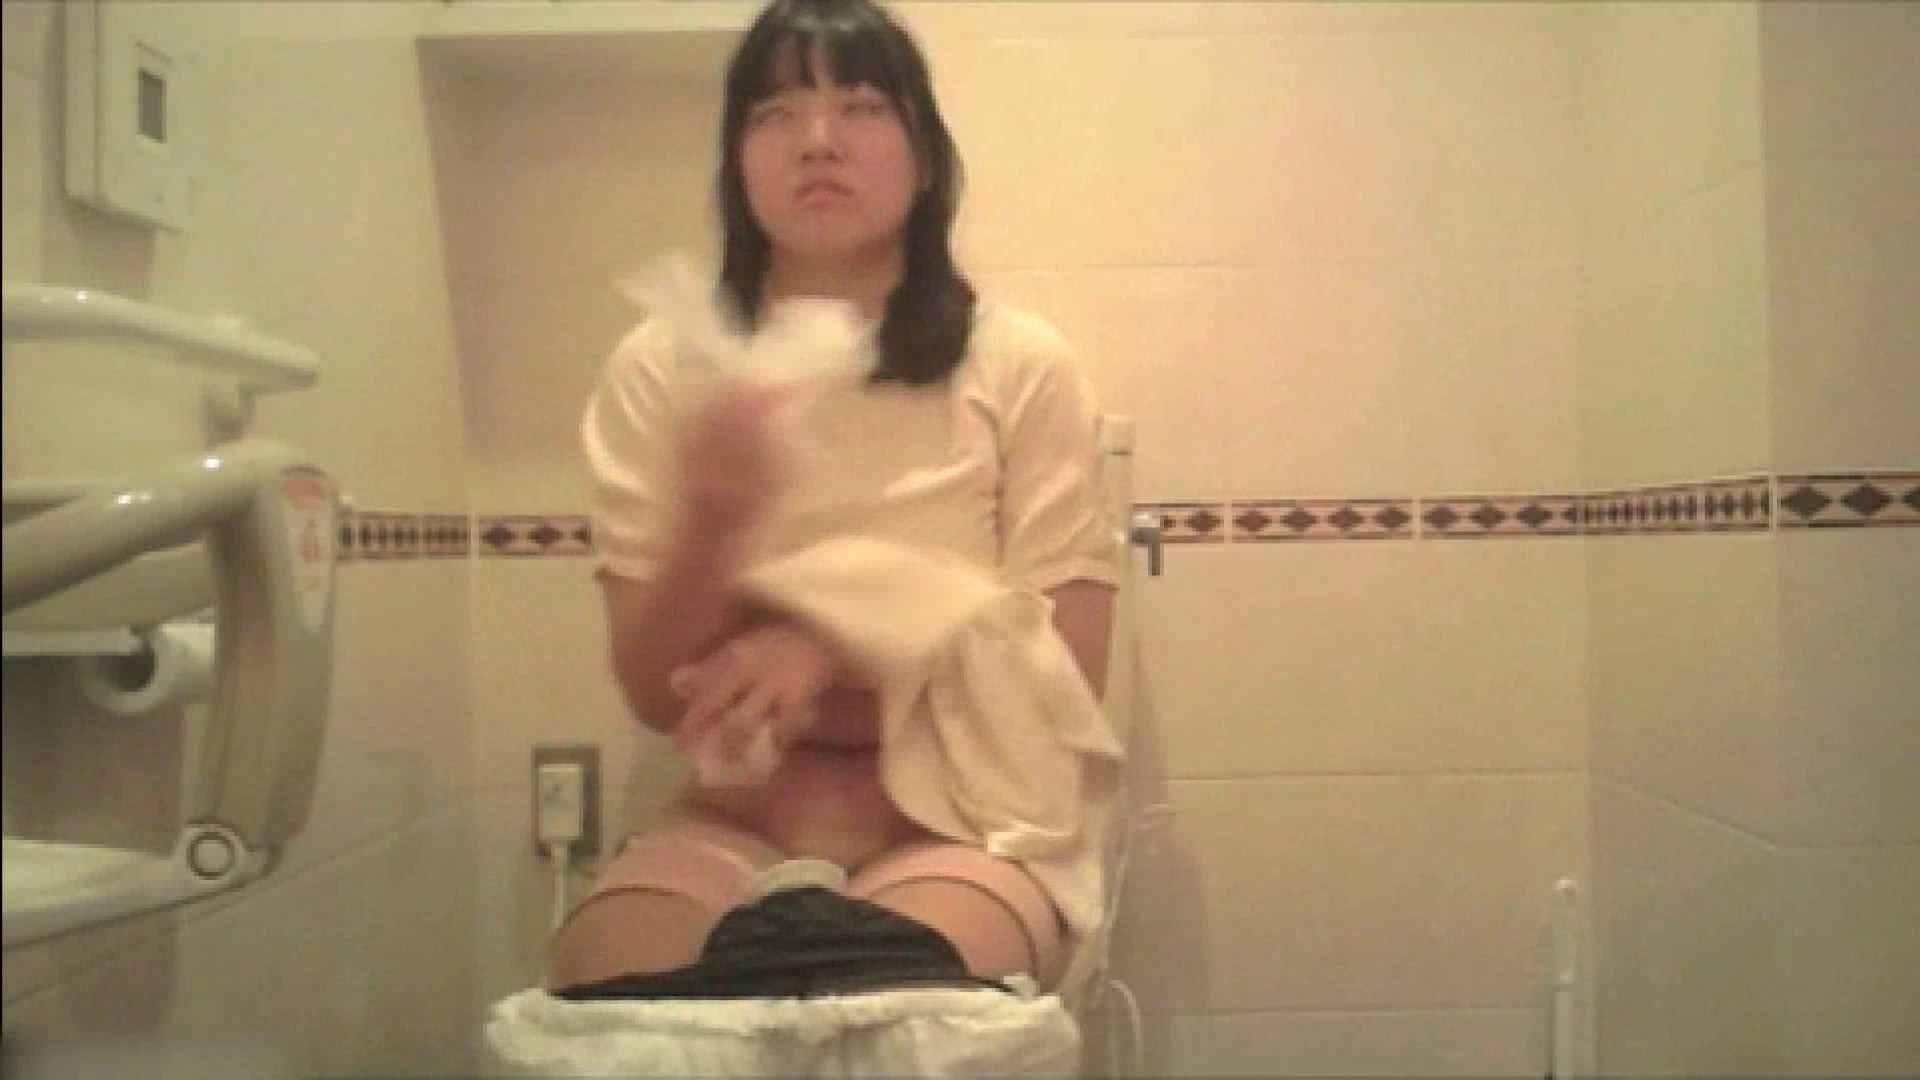 実録!!綺麗なお姉さんのトイレ事情・・・。vol.18 OLの実態  70pic 24